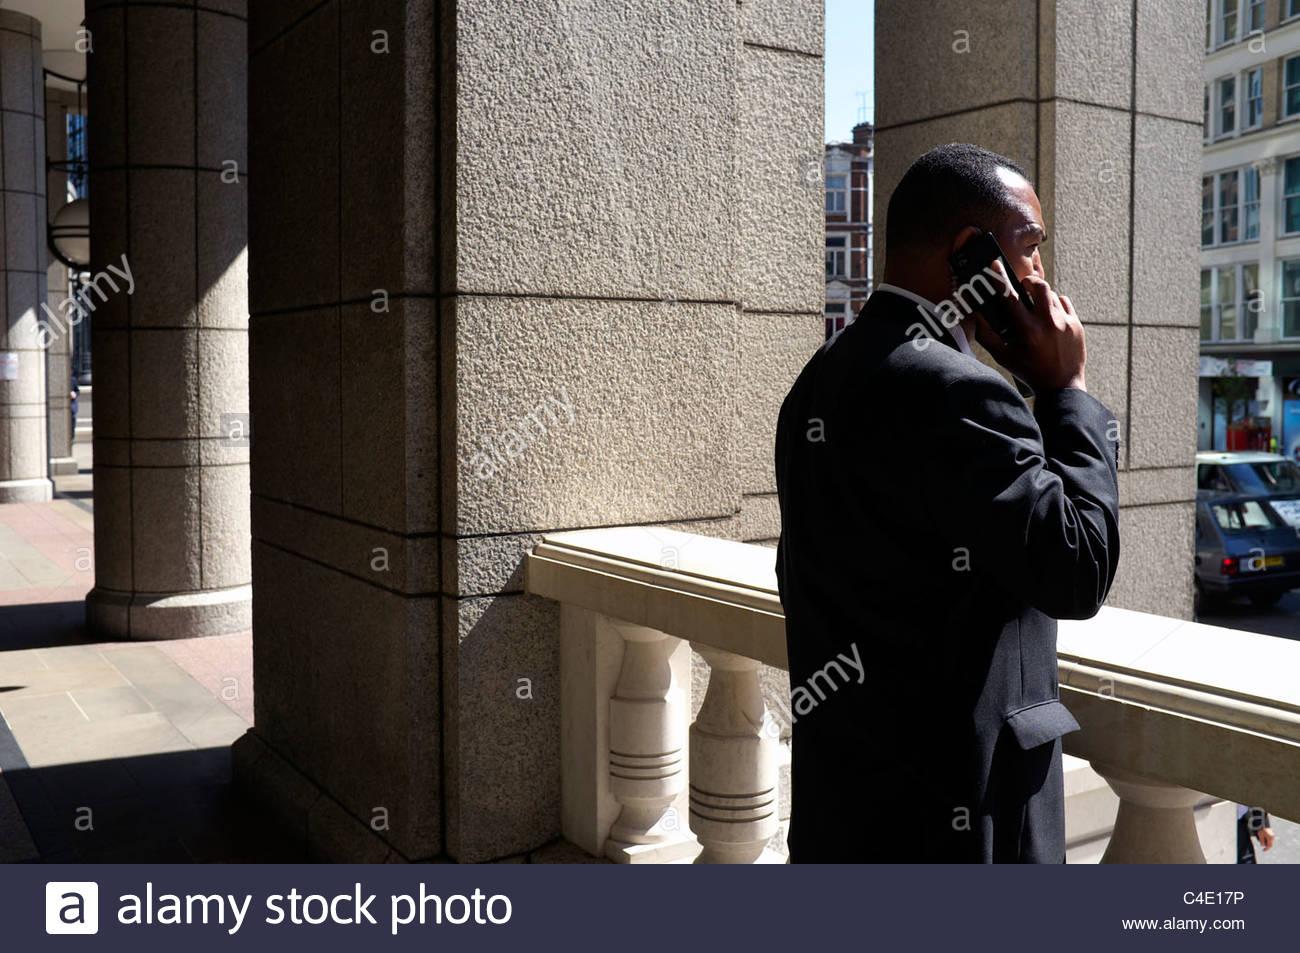 Security Man Uk Stock Photos Amp Security Man Uk Stock